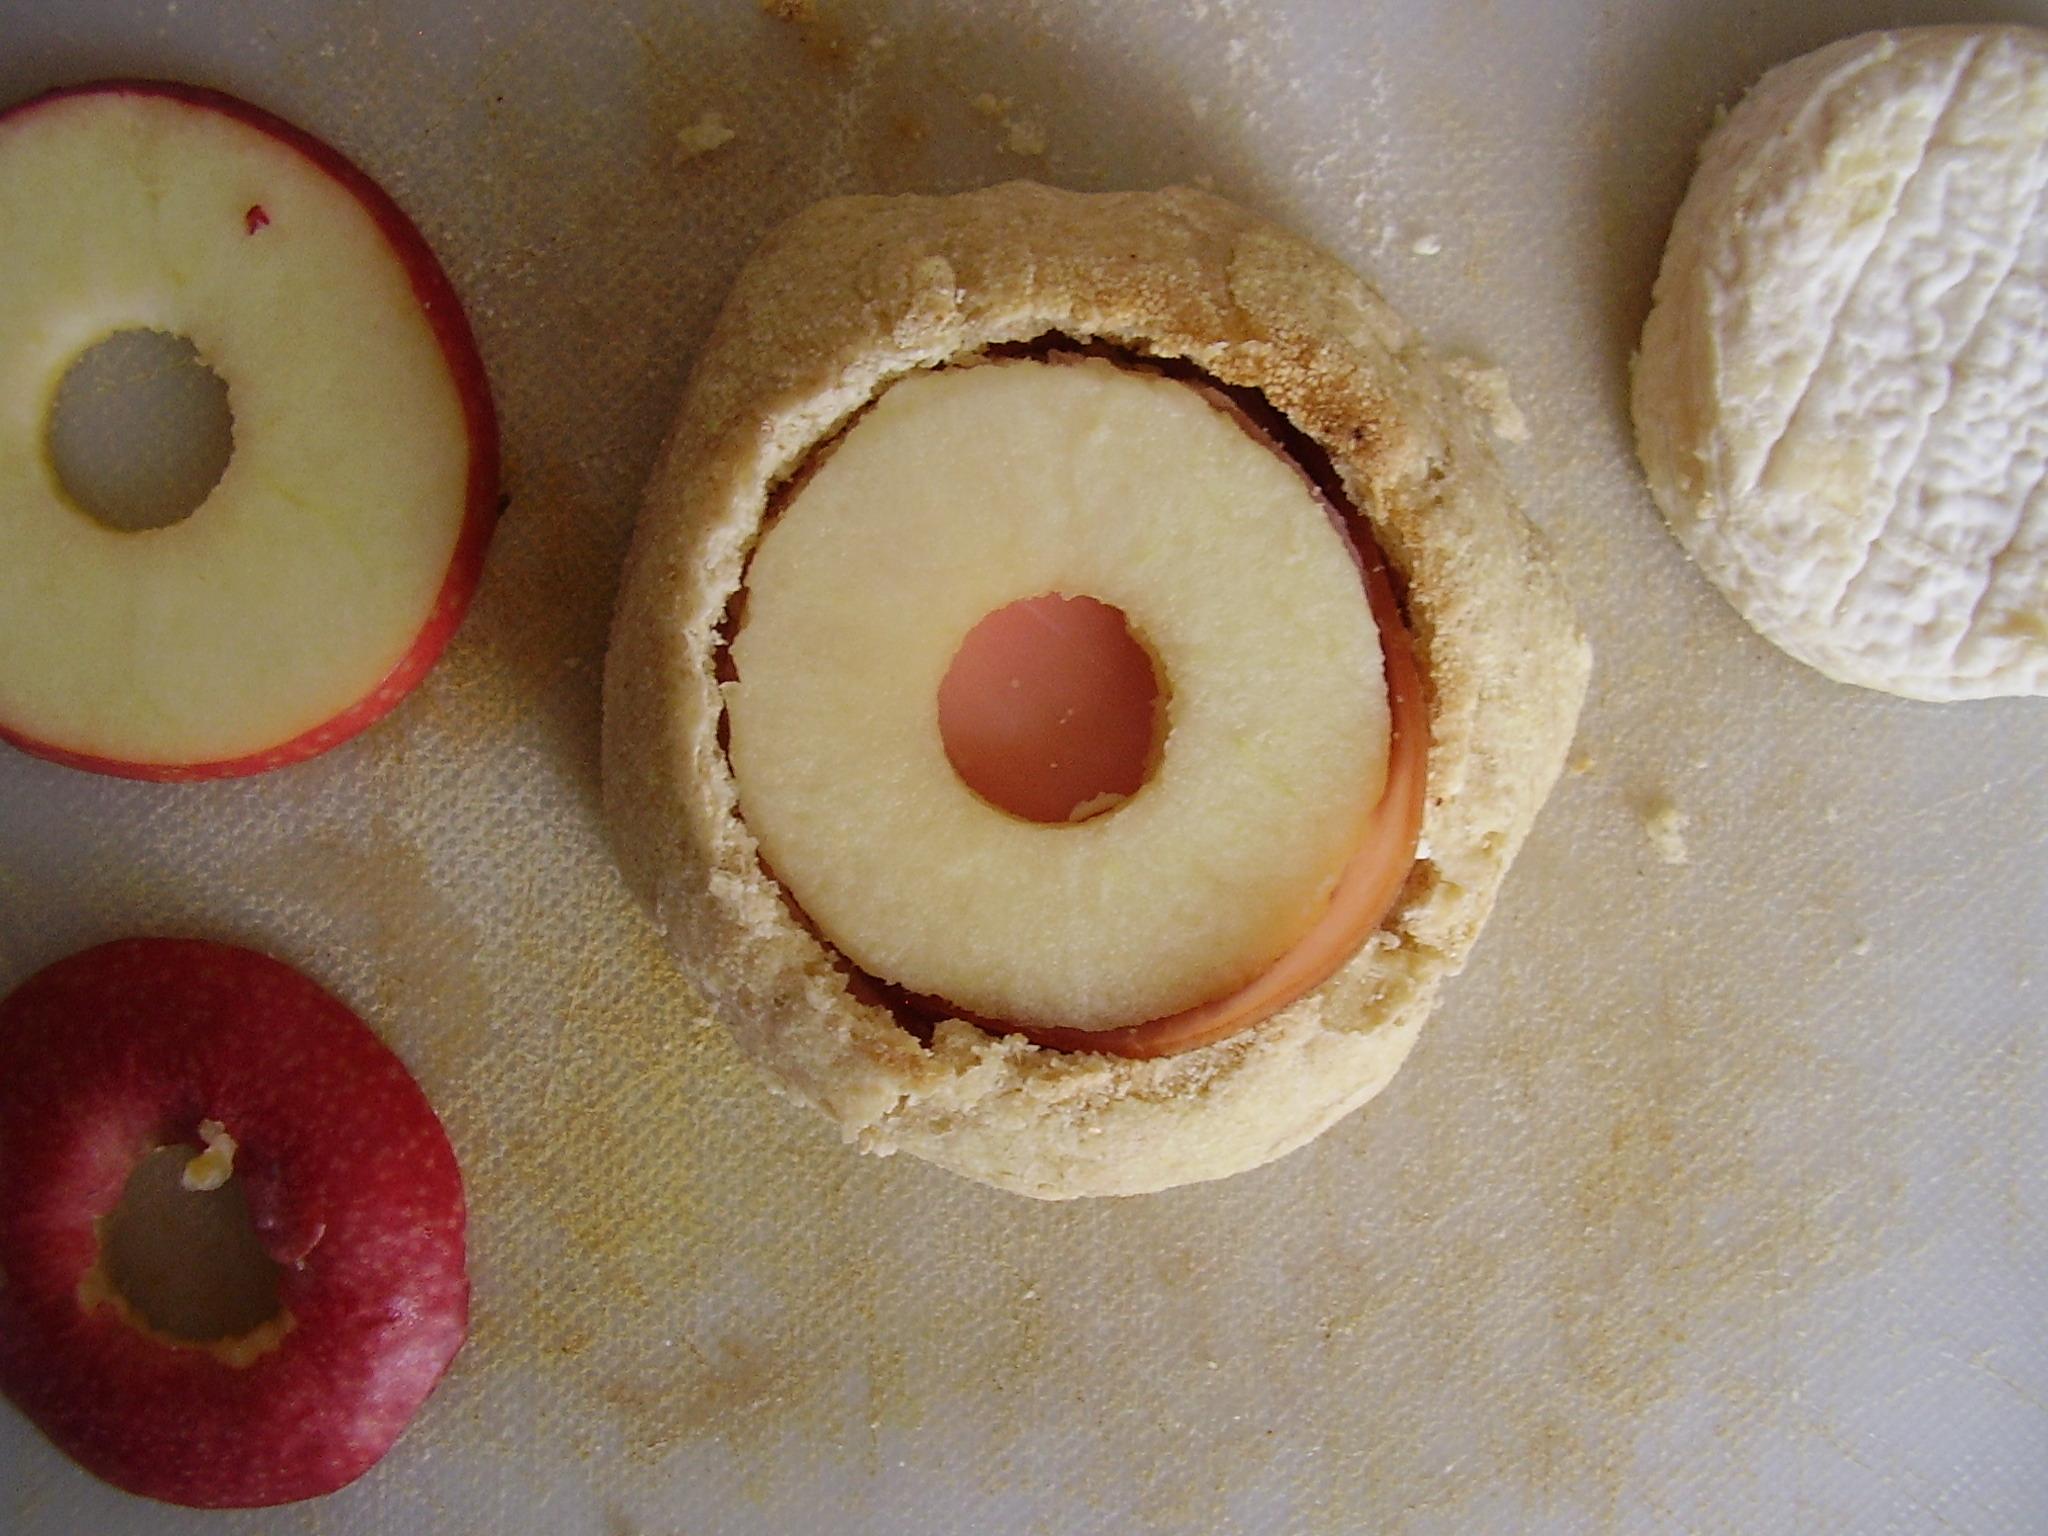 la rondelle de pomme